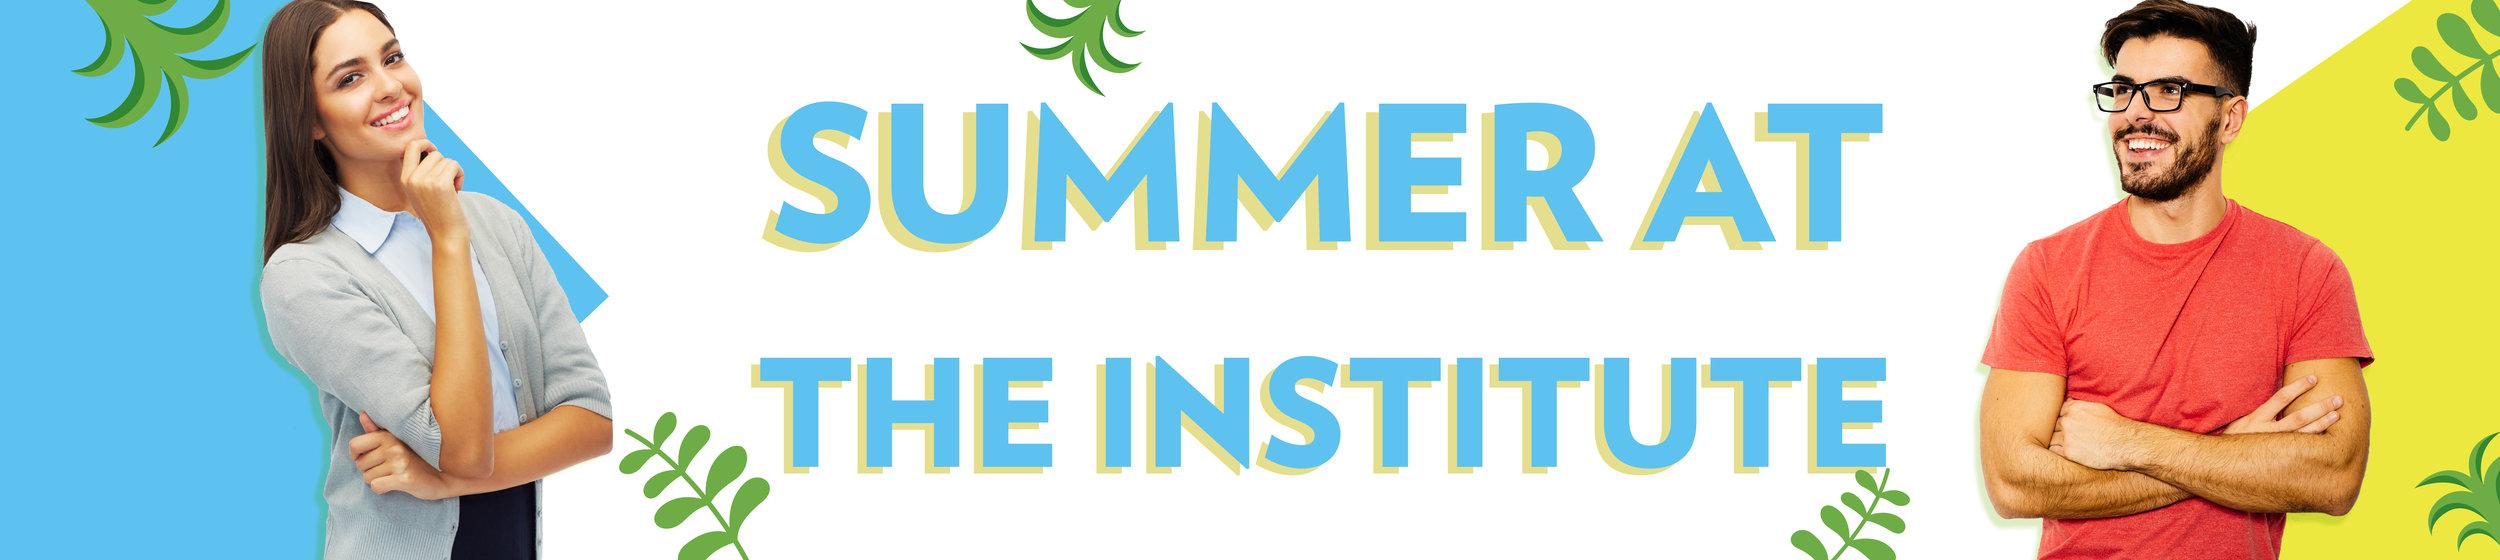 Summer programas-10.jpg